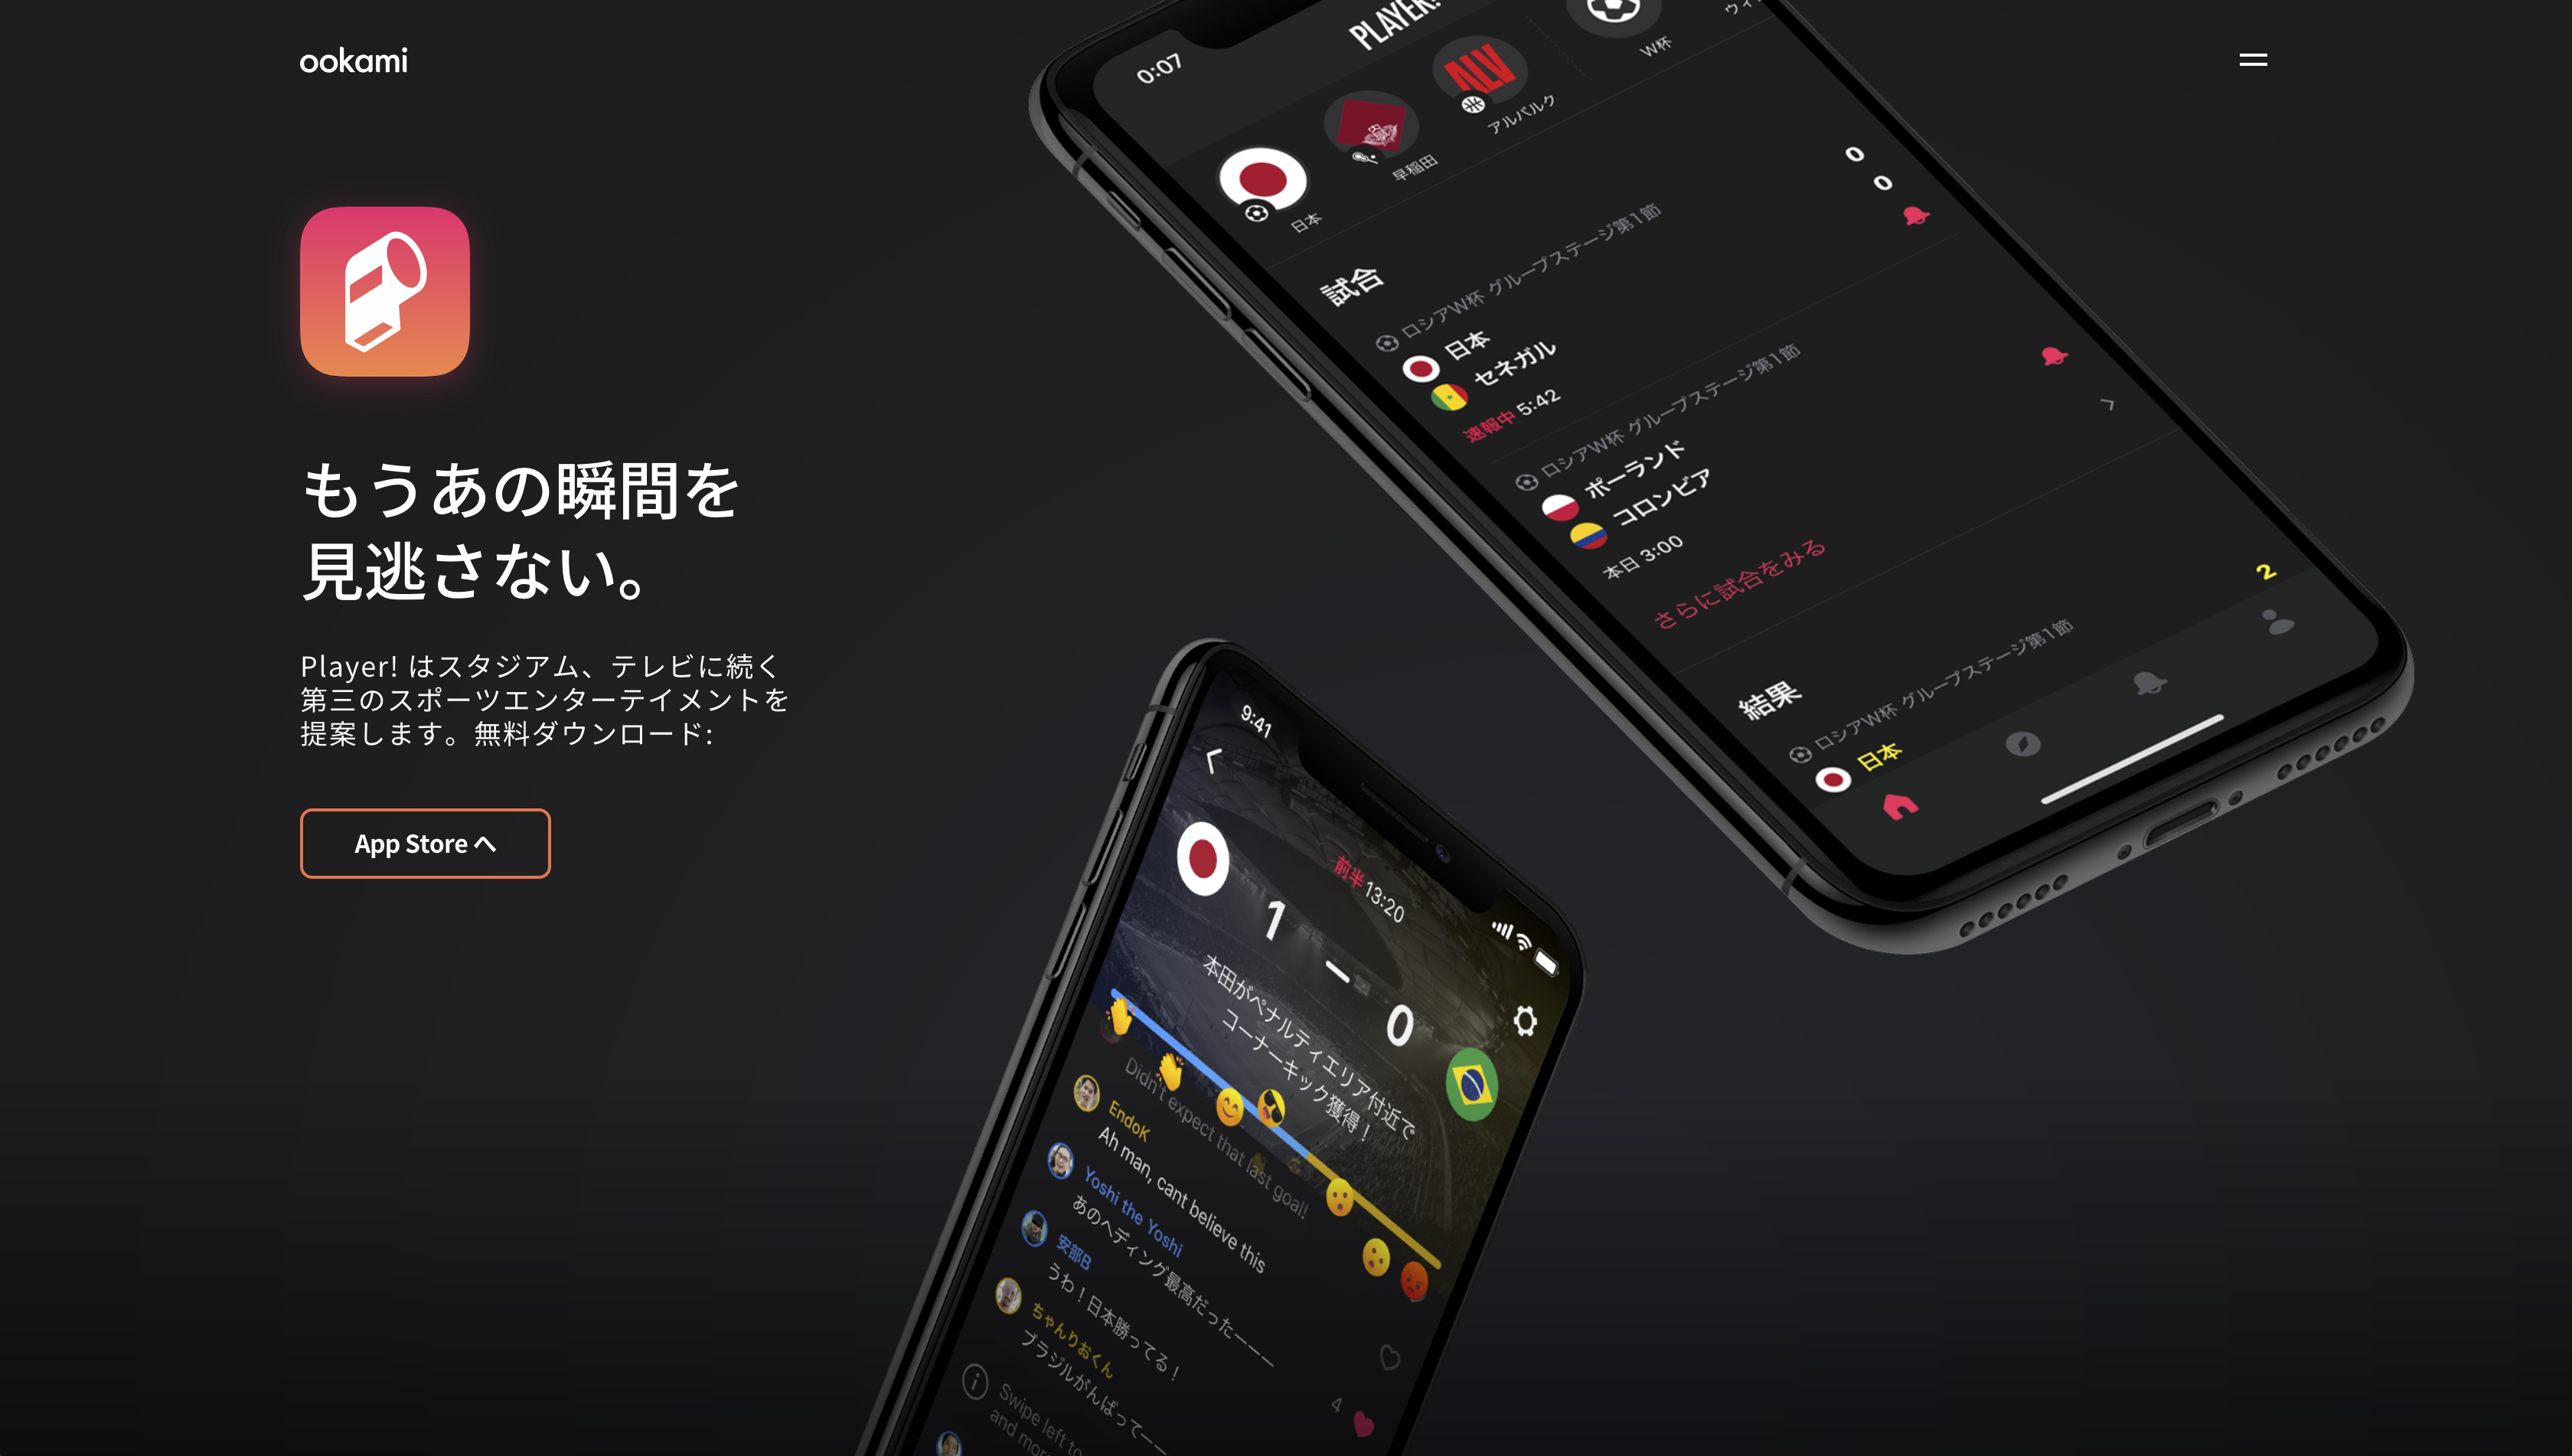 スポーツライブエンターテイメントアプリPlayer!(プレイヤー) | 株式会社ookami